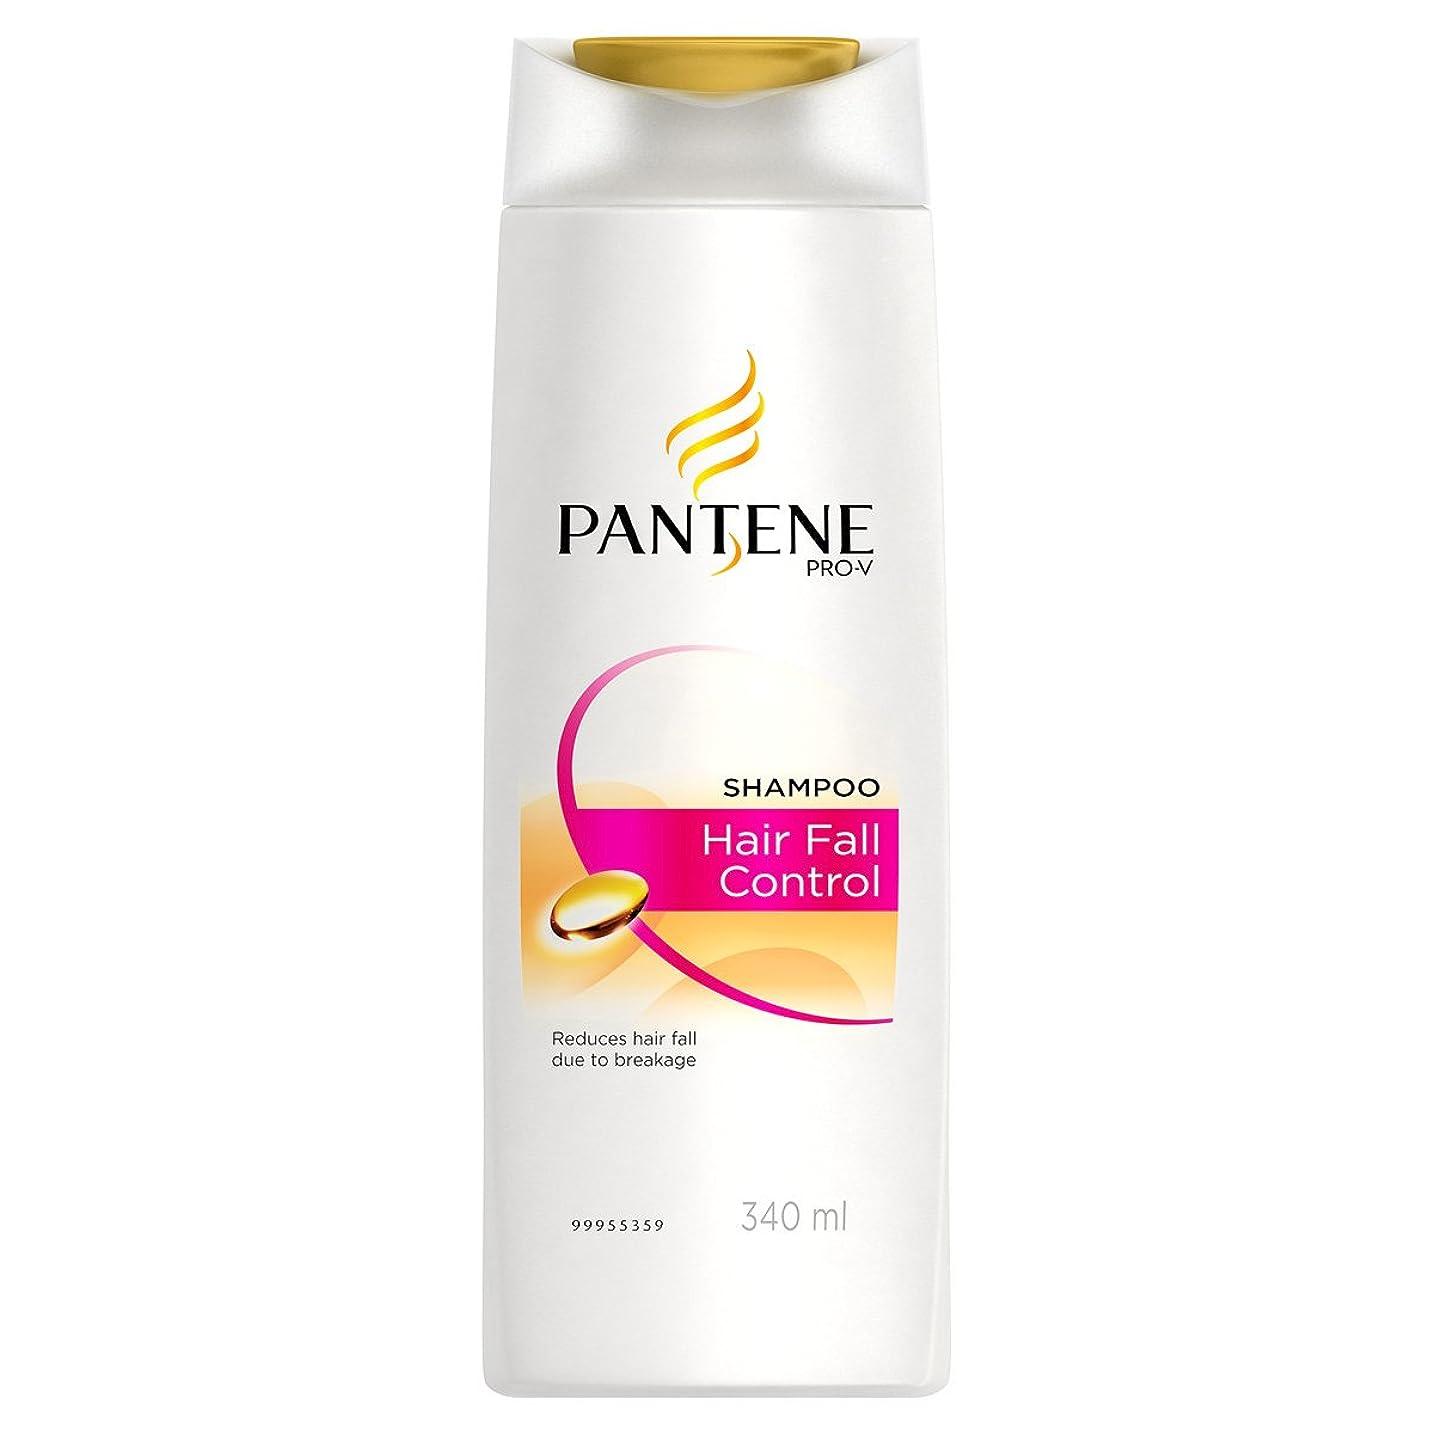 さようなら思慮深いなにPANTENE Hair Fall control SHAMPOO 340 ml (PANTENEヘアフォールコントロールシャンプー340ml)